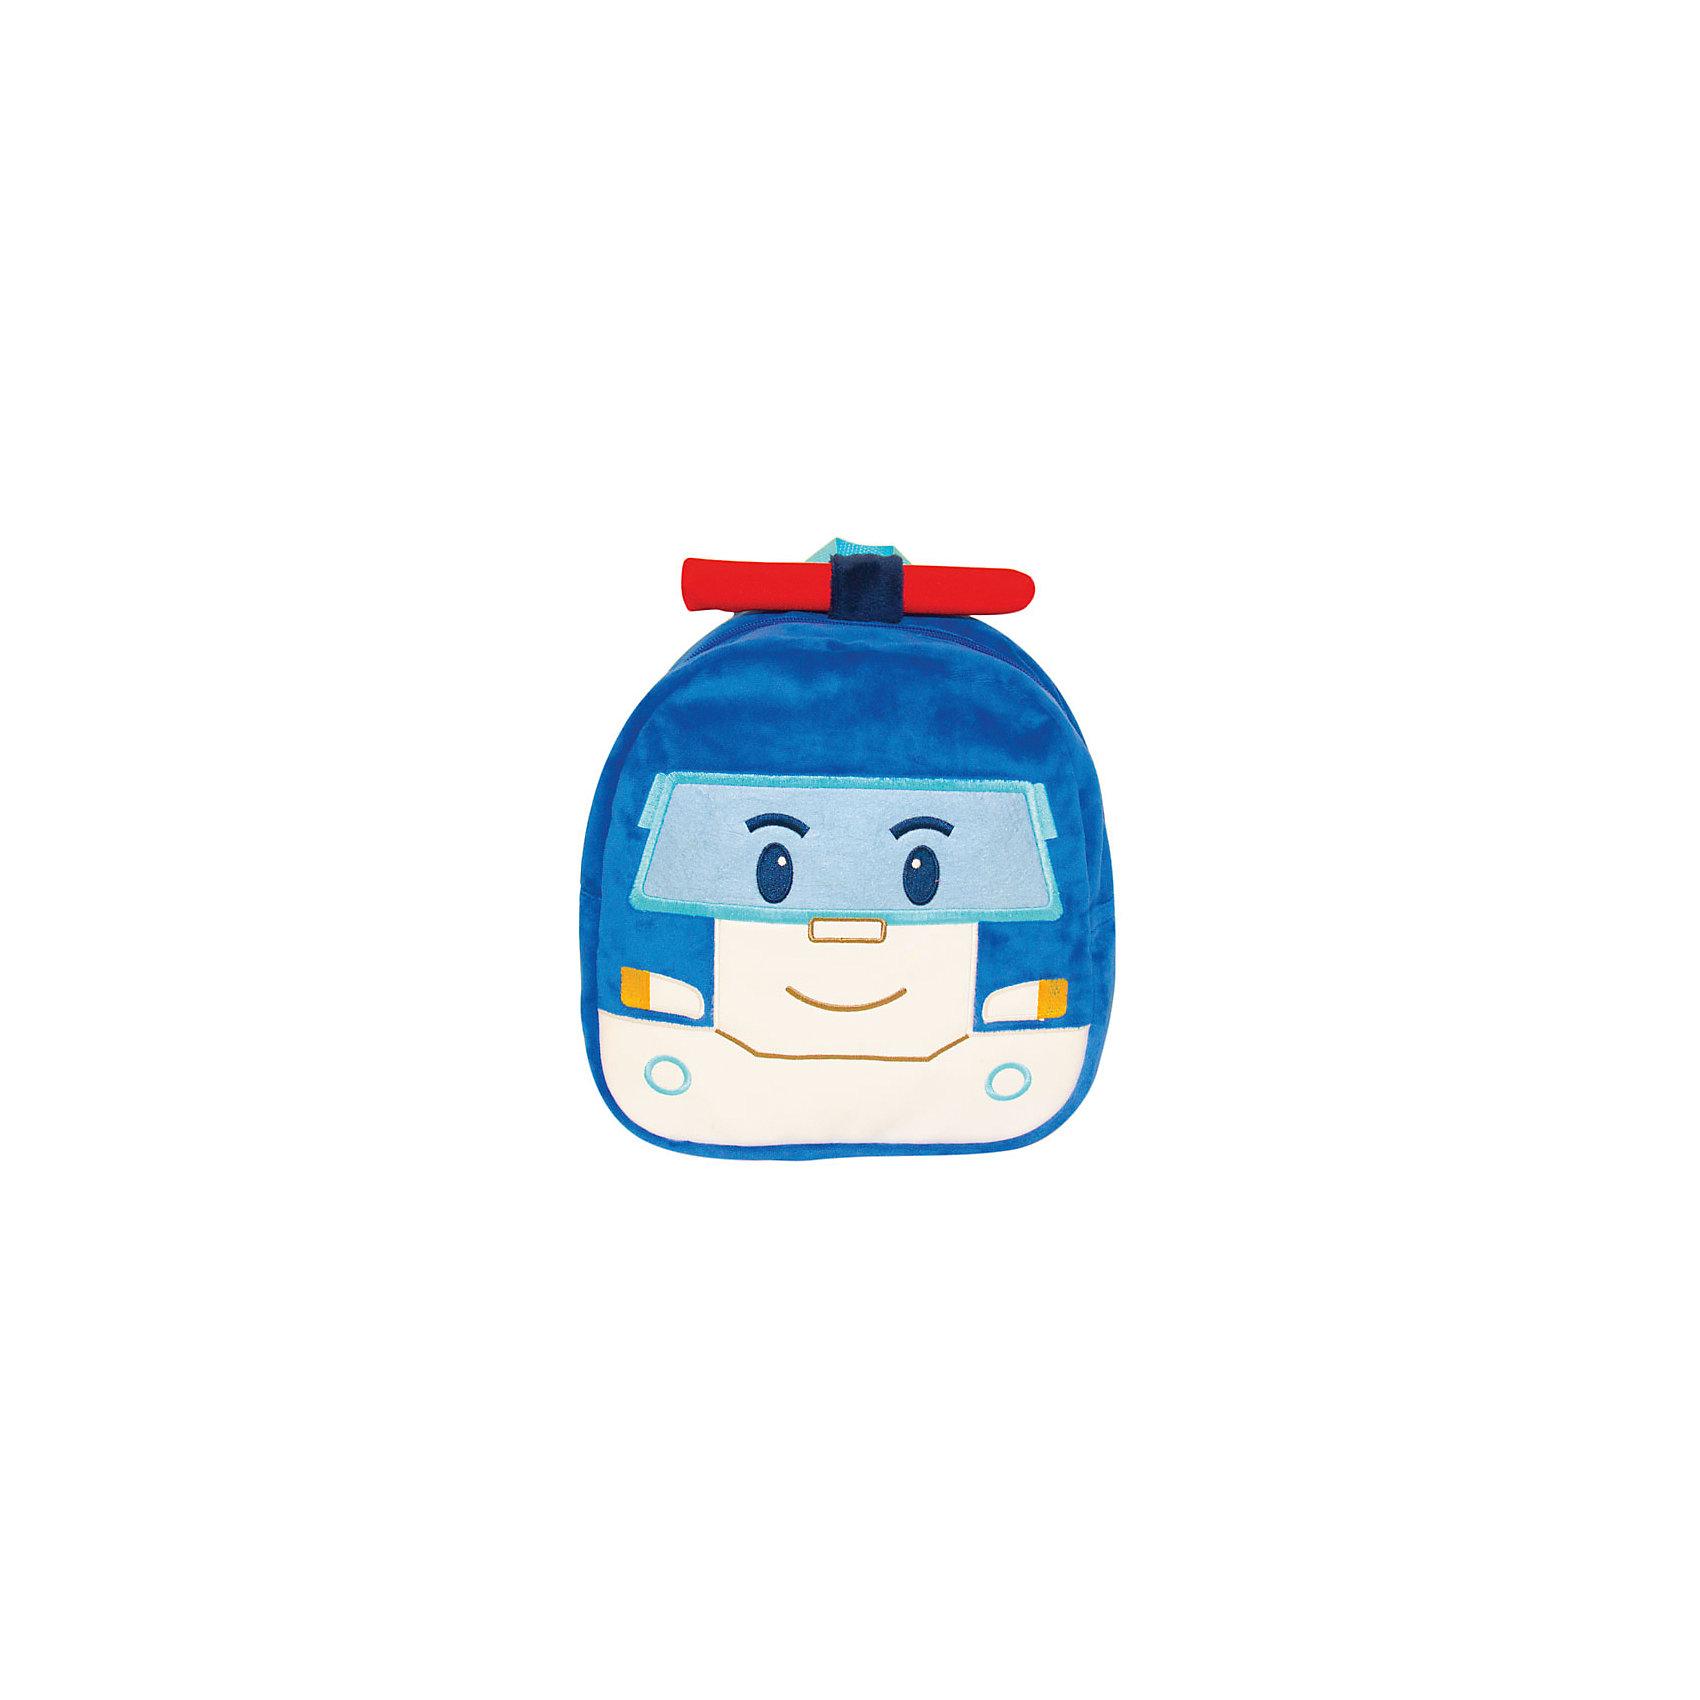 Плюшевый рюкзак ПолиДетские рюкзаки<br>Плюшевый рюкзак Поли от бренда Gulliver<br><br>Очень симпатичный и удобный рюкзак позволит ребенку с комфортом носить любимые вещи. Он украшен вышивкой и разноцветными деталями. Сделан из приятного на ощупь материала. <br>В рюкзаке - одно большое отделение. Он отлично подойдет для младшеклассников. Лямки - удобные, широкие, размер регулируется. Этот рюкзак поможет ребенку научится быть аккуратным и самостоятельным, правильно распределять пространство и упаковывать предметы.<br><br>Особенности изделия:<br><br>цвет: разноцветный;<br>размер: 25*23,5*11 см;<br>лямки: регулируются.<br><br>Плюшевый рюкзак Поли от бренда Gulliver можно купить в нашем магазине<br><br>Ширина мм: 250<br>Глубина мм: 235<br>Высота мм: 110<br>Вес г: 200<br>Возраст от месяцев: 36<br>Возраст до месяцев: 84<br>Пол: Женский<br>Возраст: Детский<br>SKU: 4665221